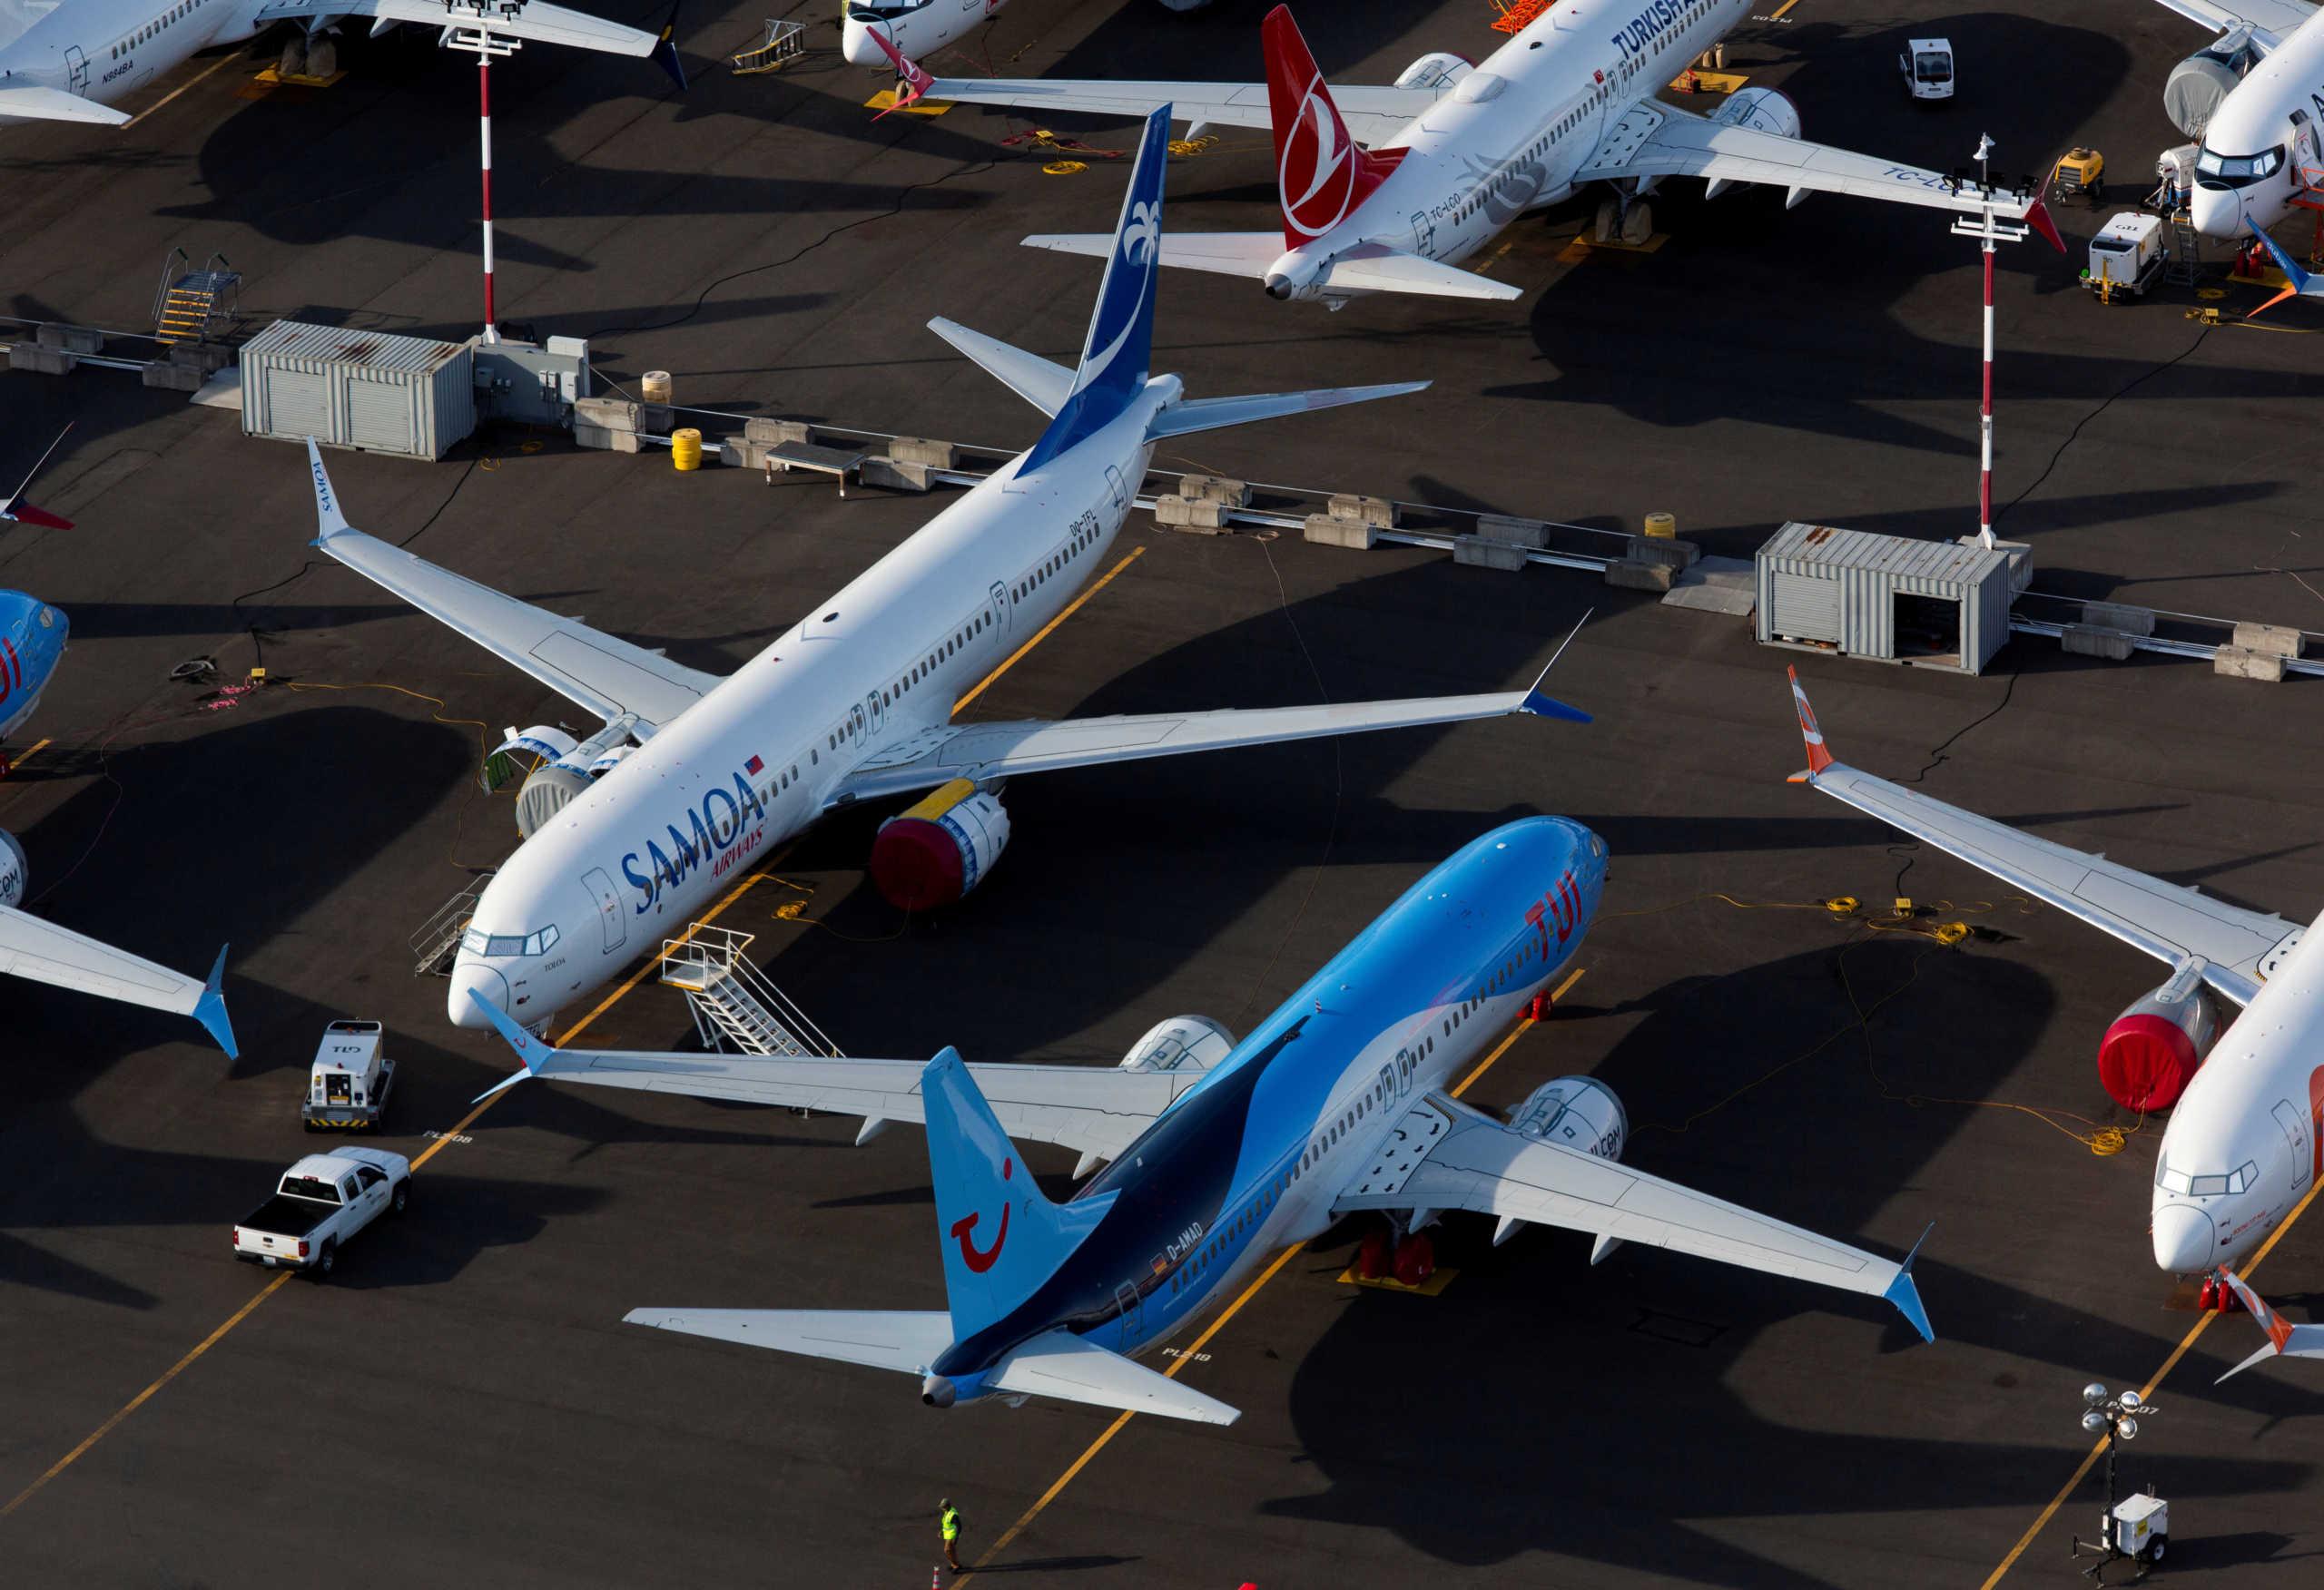 ΗΠΑ: Ξεκινούν οι πτήσεις πιστοποίησης της πλοϊμότητας του Boeing 737 MAX